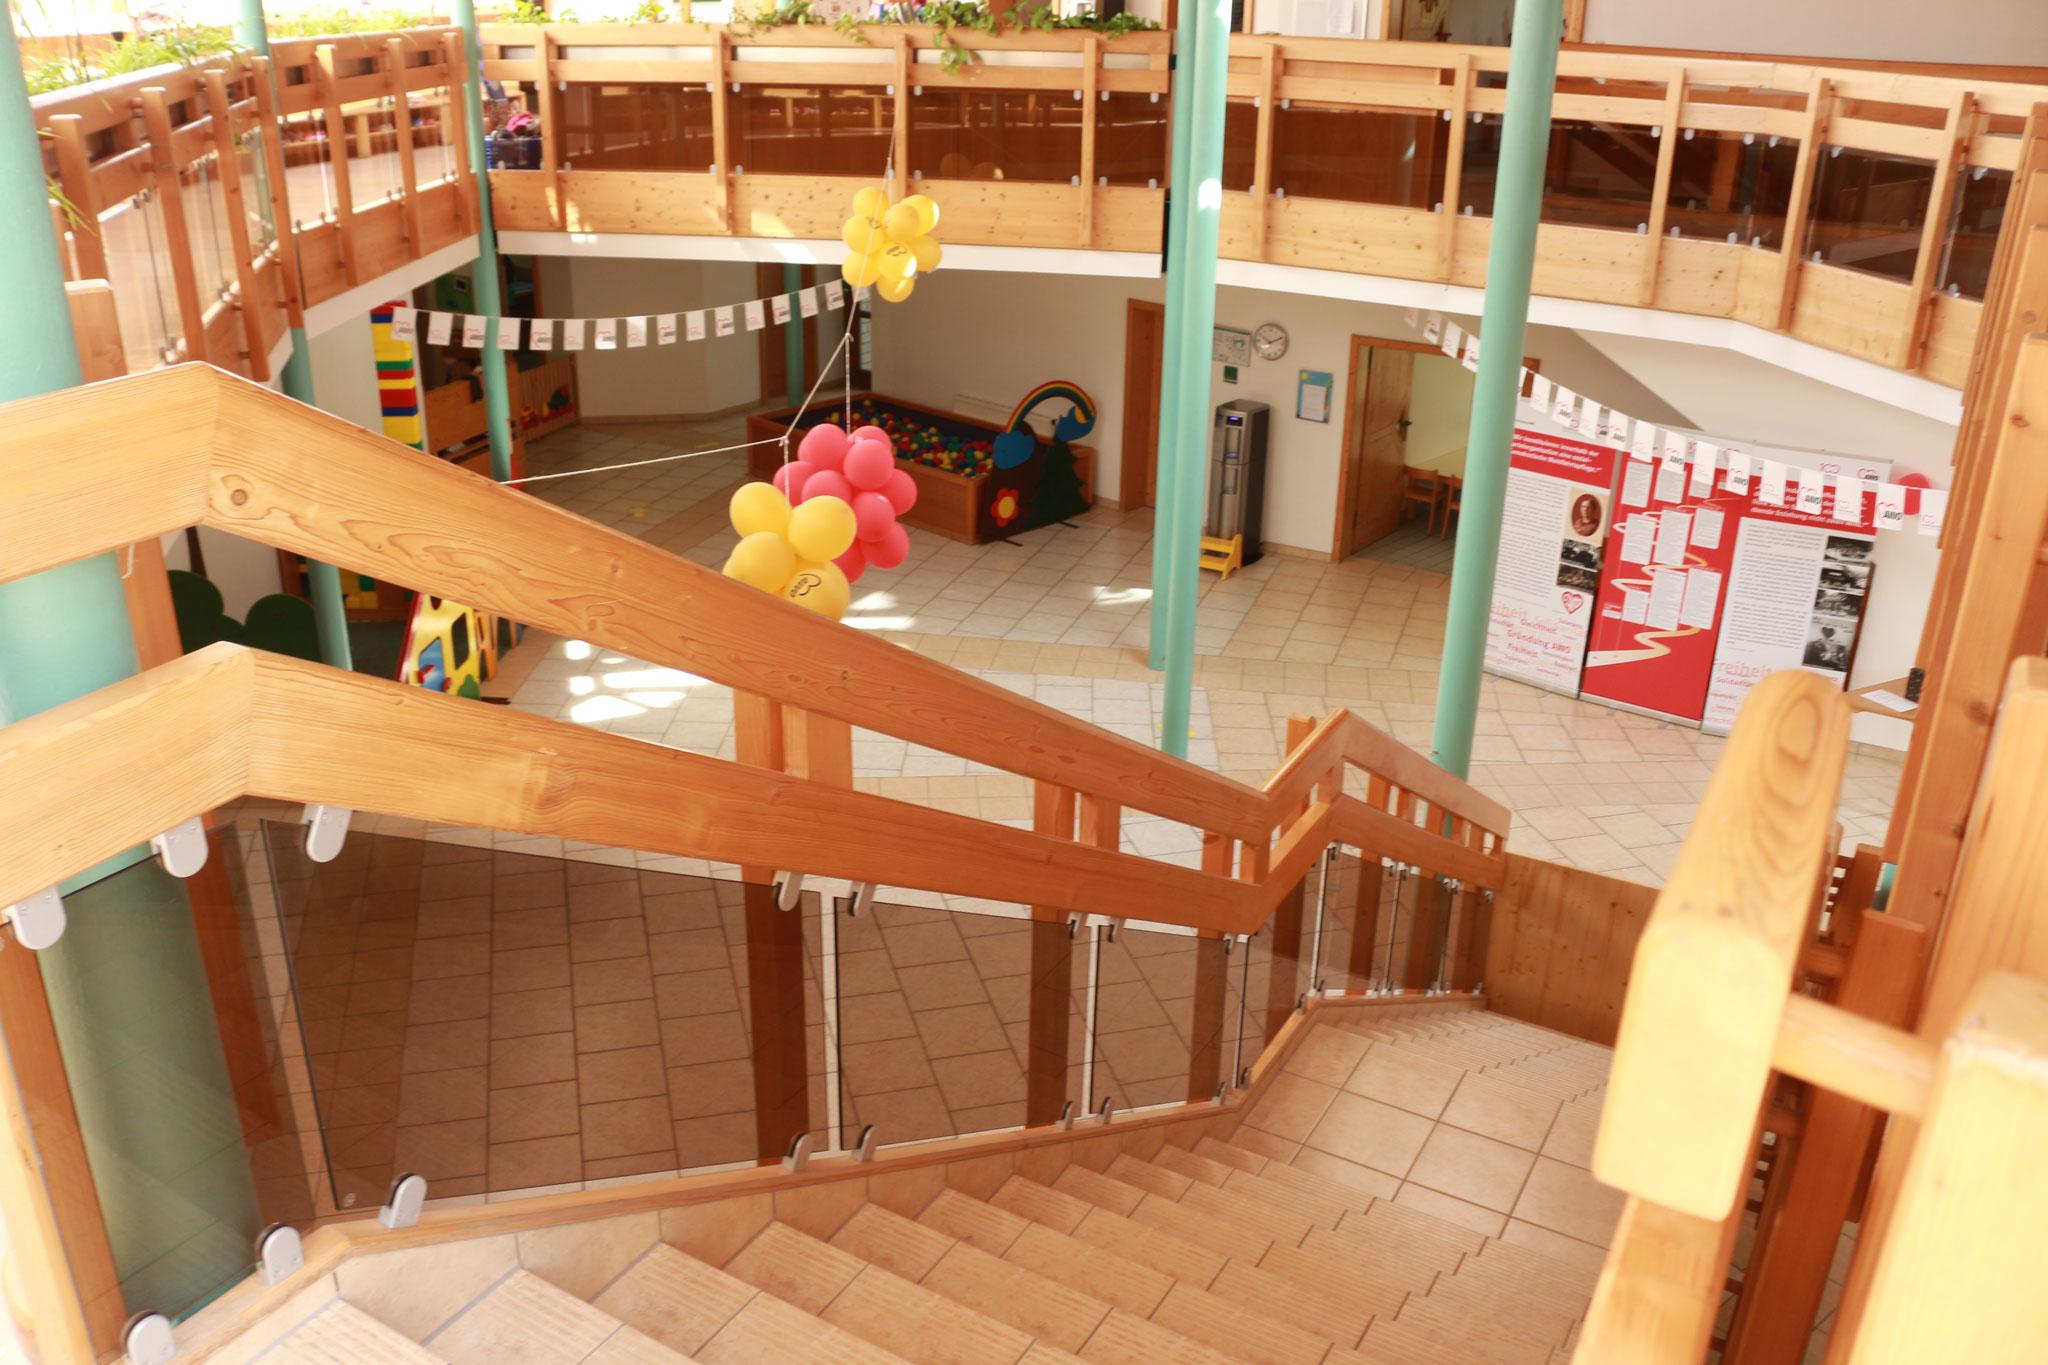 Treppenaufgang in den Kinderhort und in das Vorschulzimmer